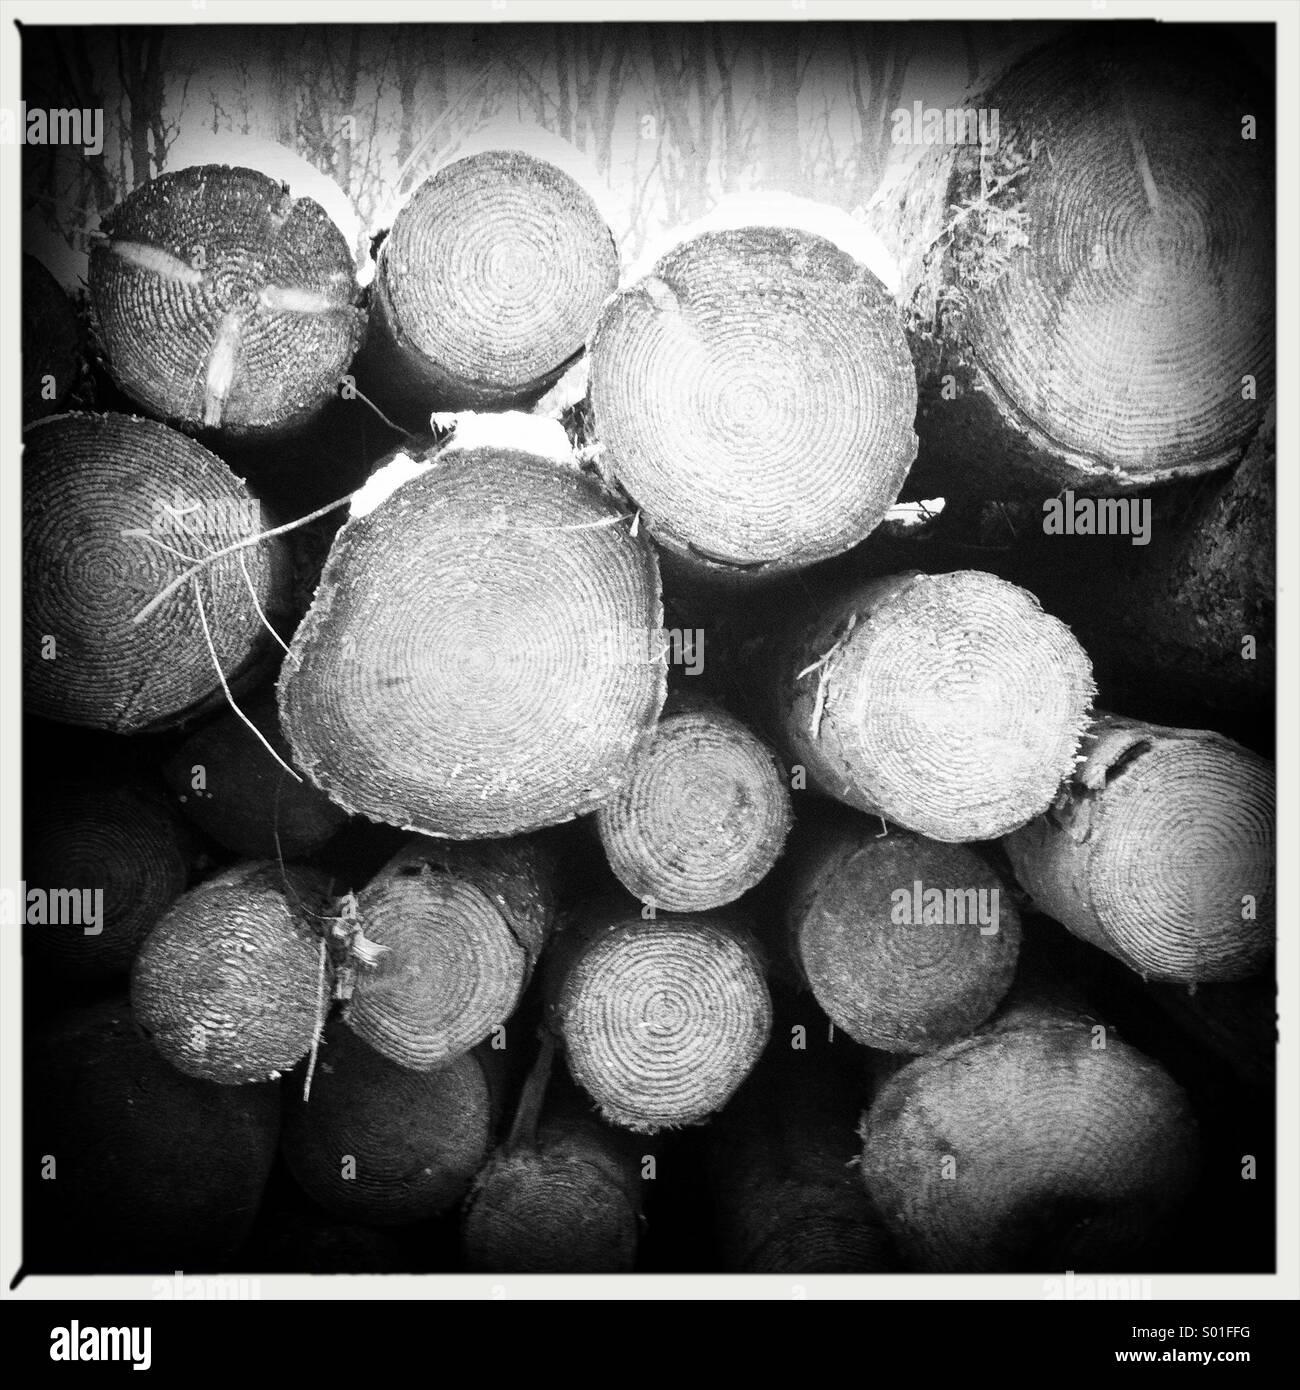 Extrémités de troncs d'arbres abattus dans une pile Photo Stock